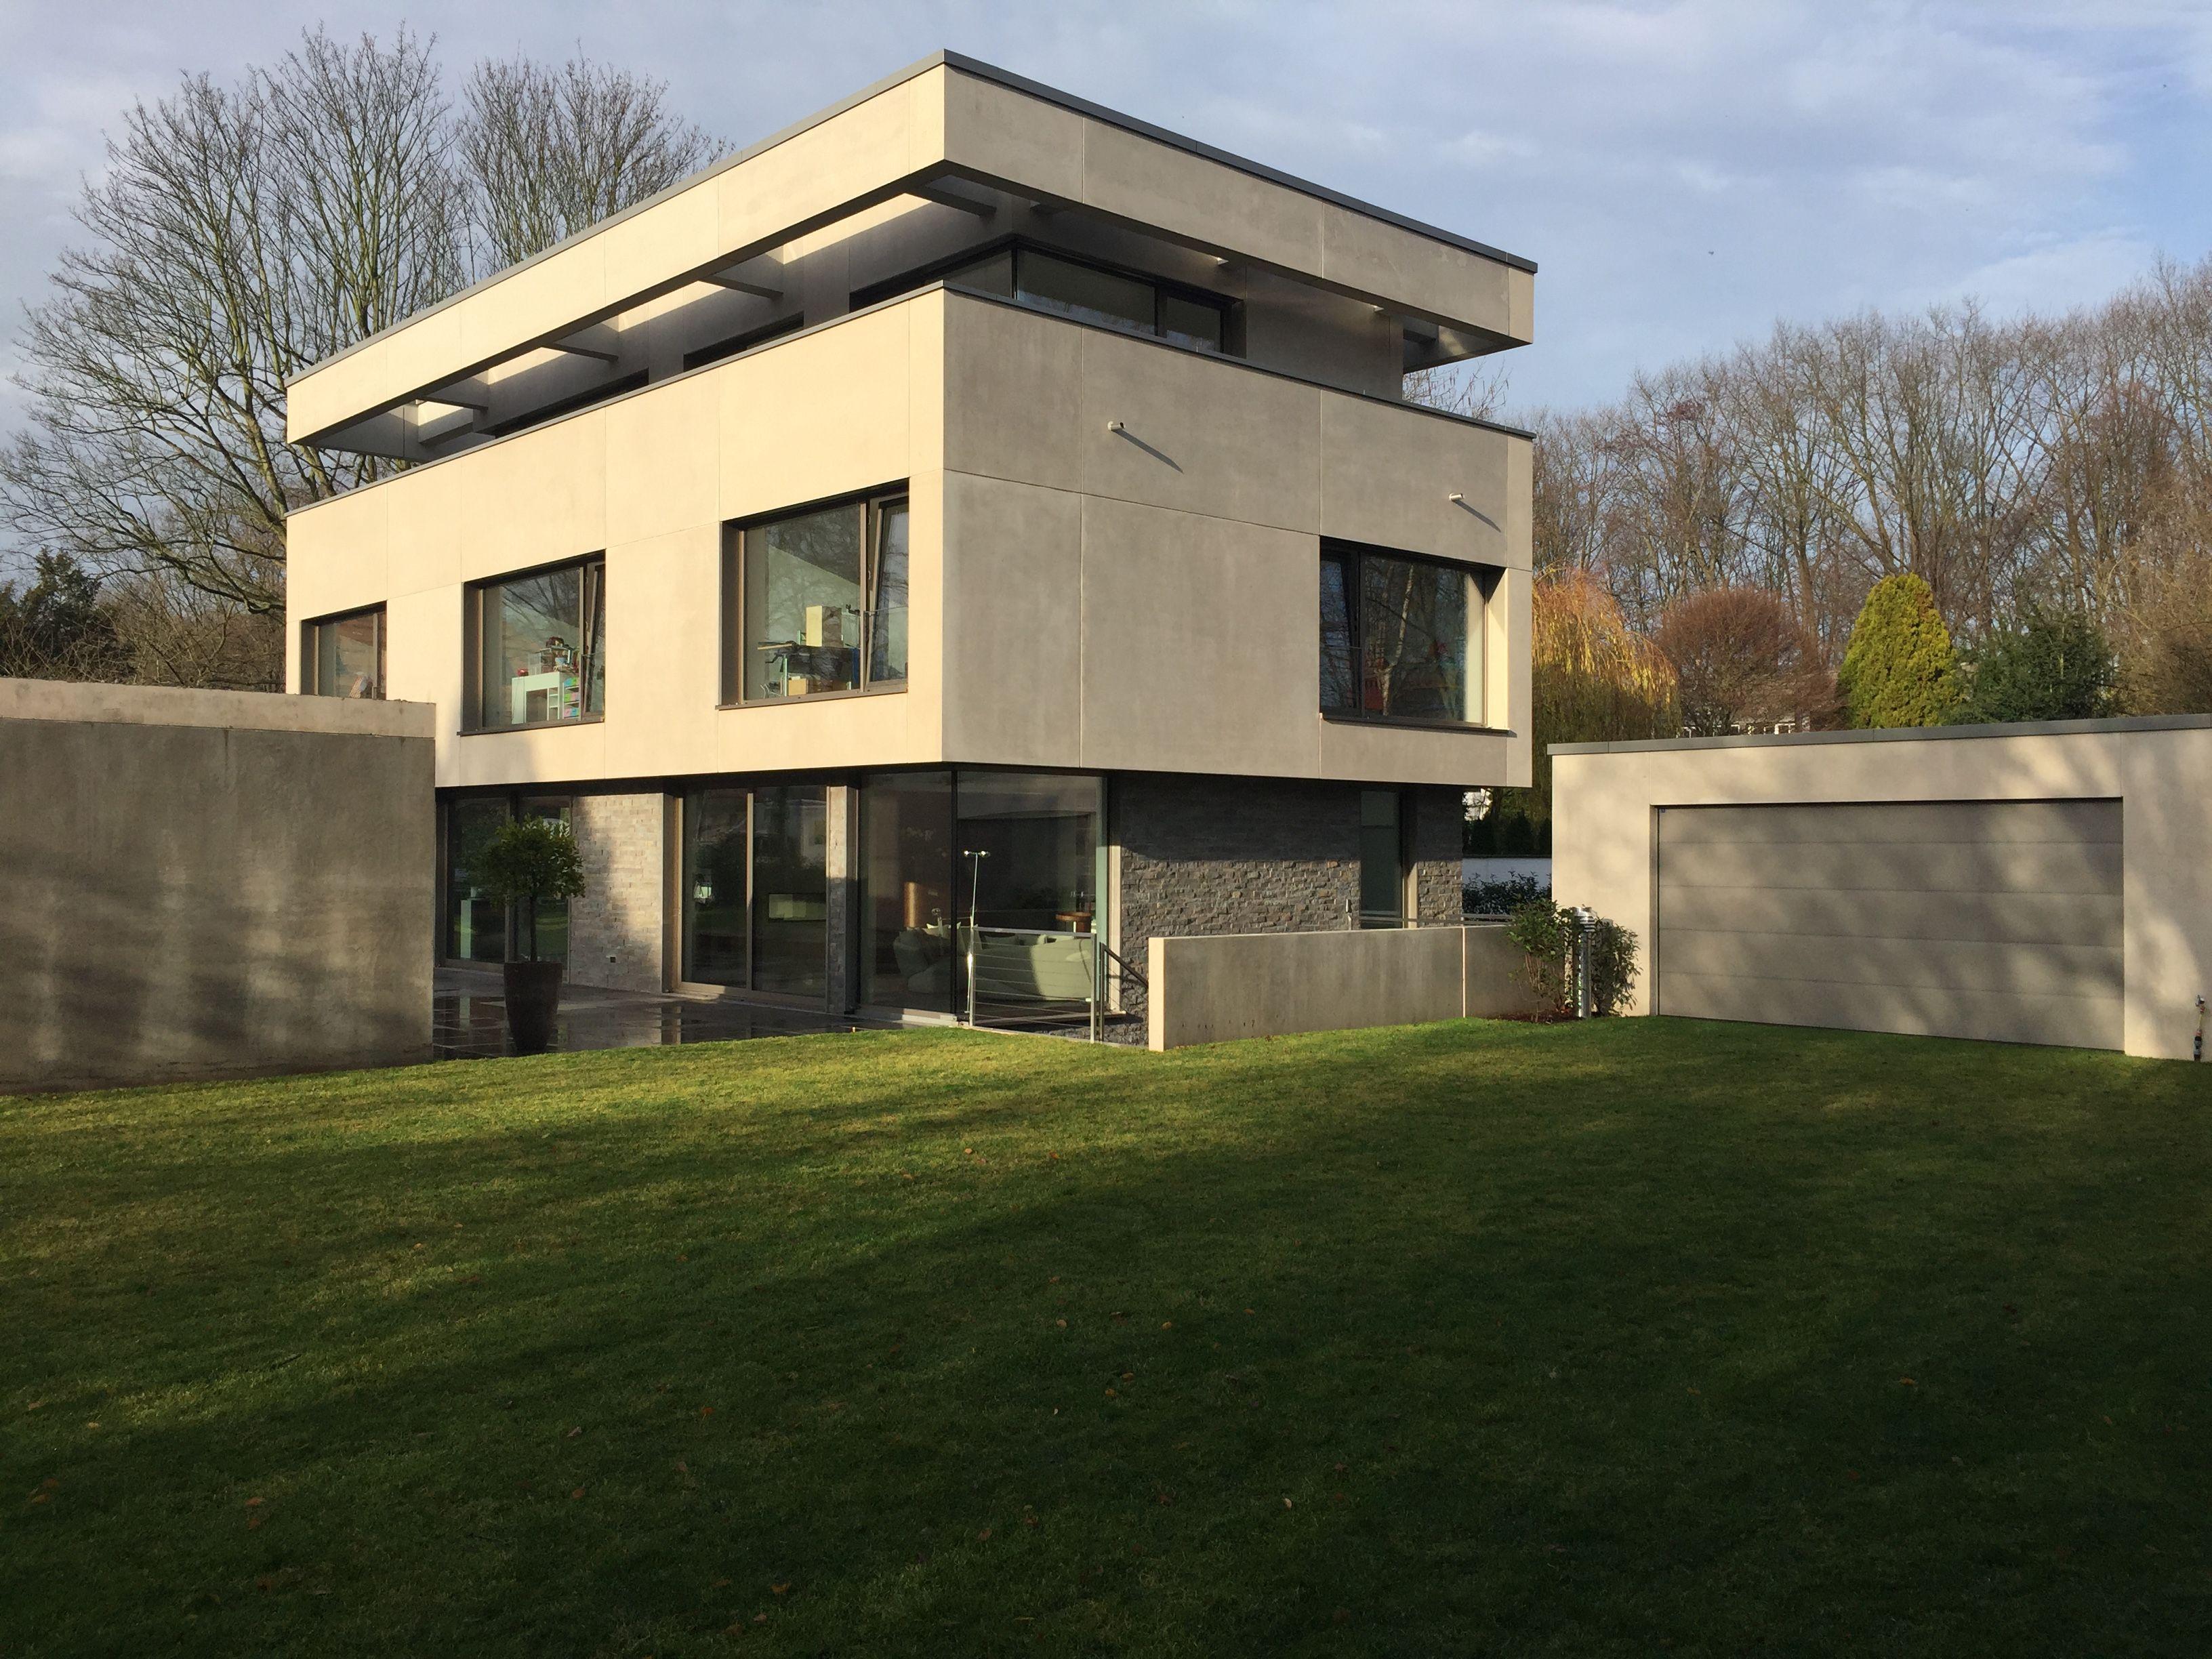 Modernes Einfamilienhaus im Bauhaus Stil. Exklusive